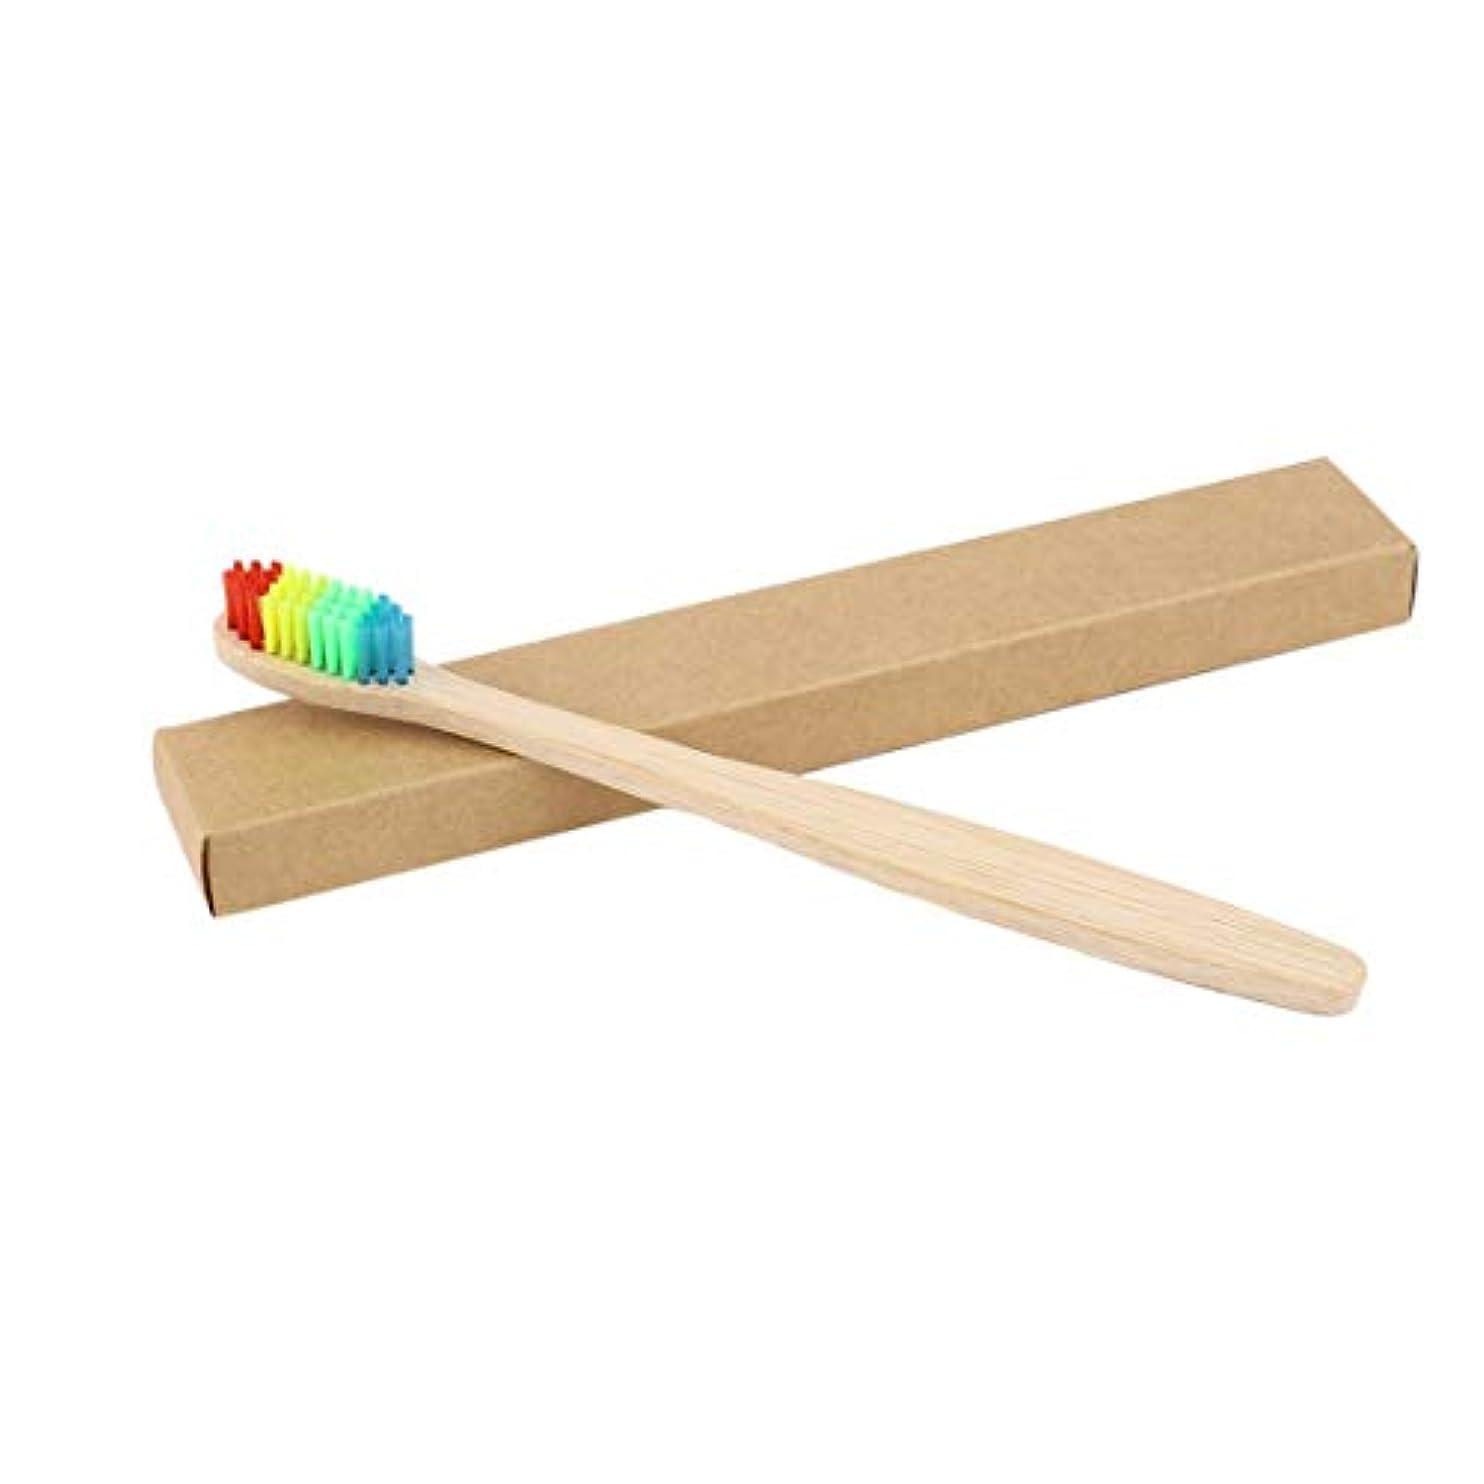 呪われたブーストヒゲクジラカラフルな髪+竹のハンドル歯ブラシ環境木製の虹竹の歯ブラシオーラルケアソフト剛毛ユニセックス - ウッドカラー+カラフル